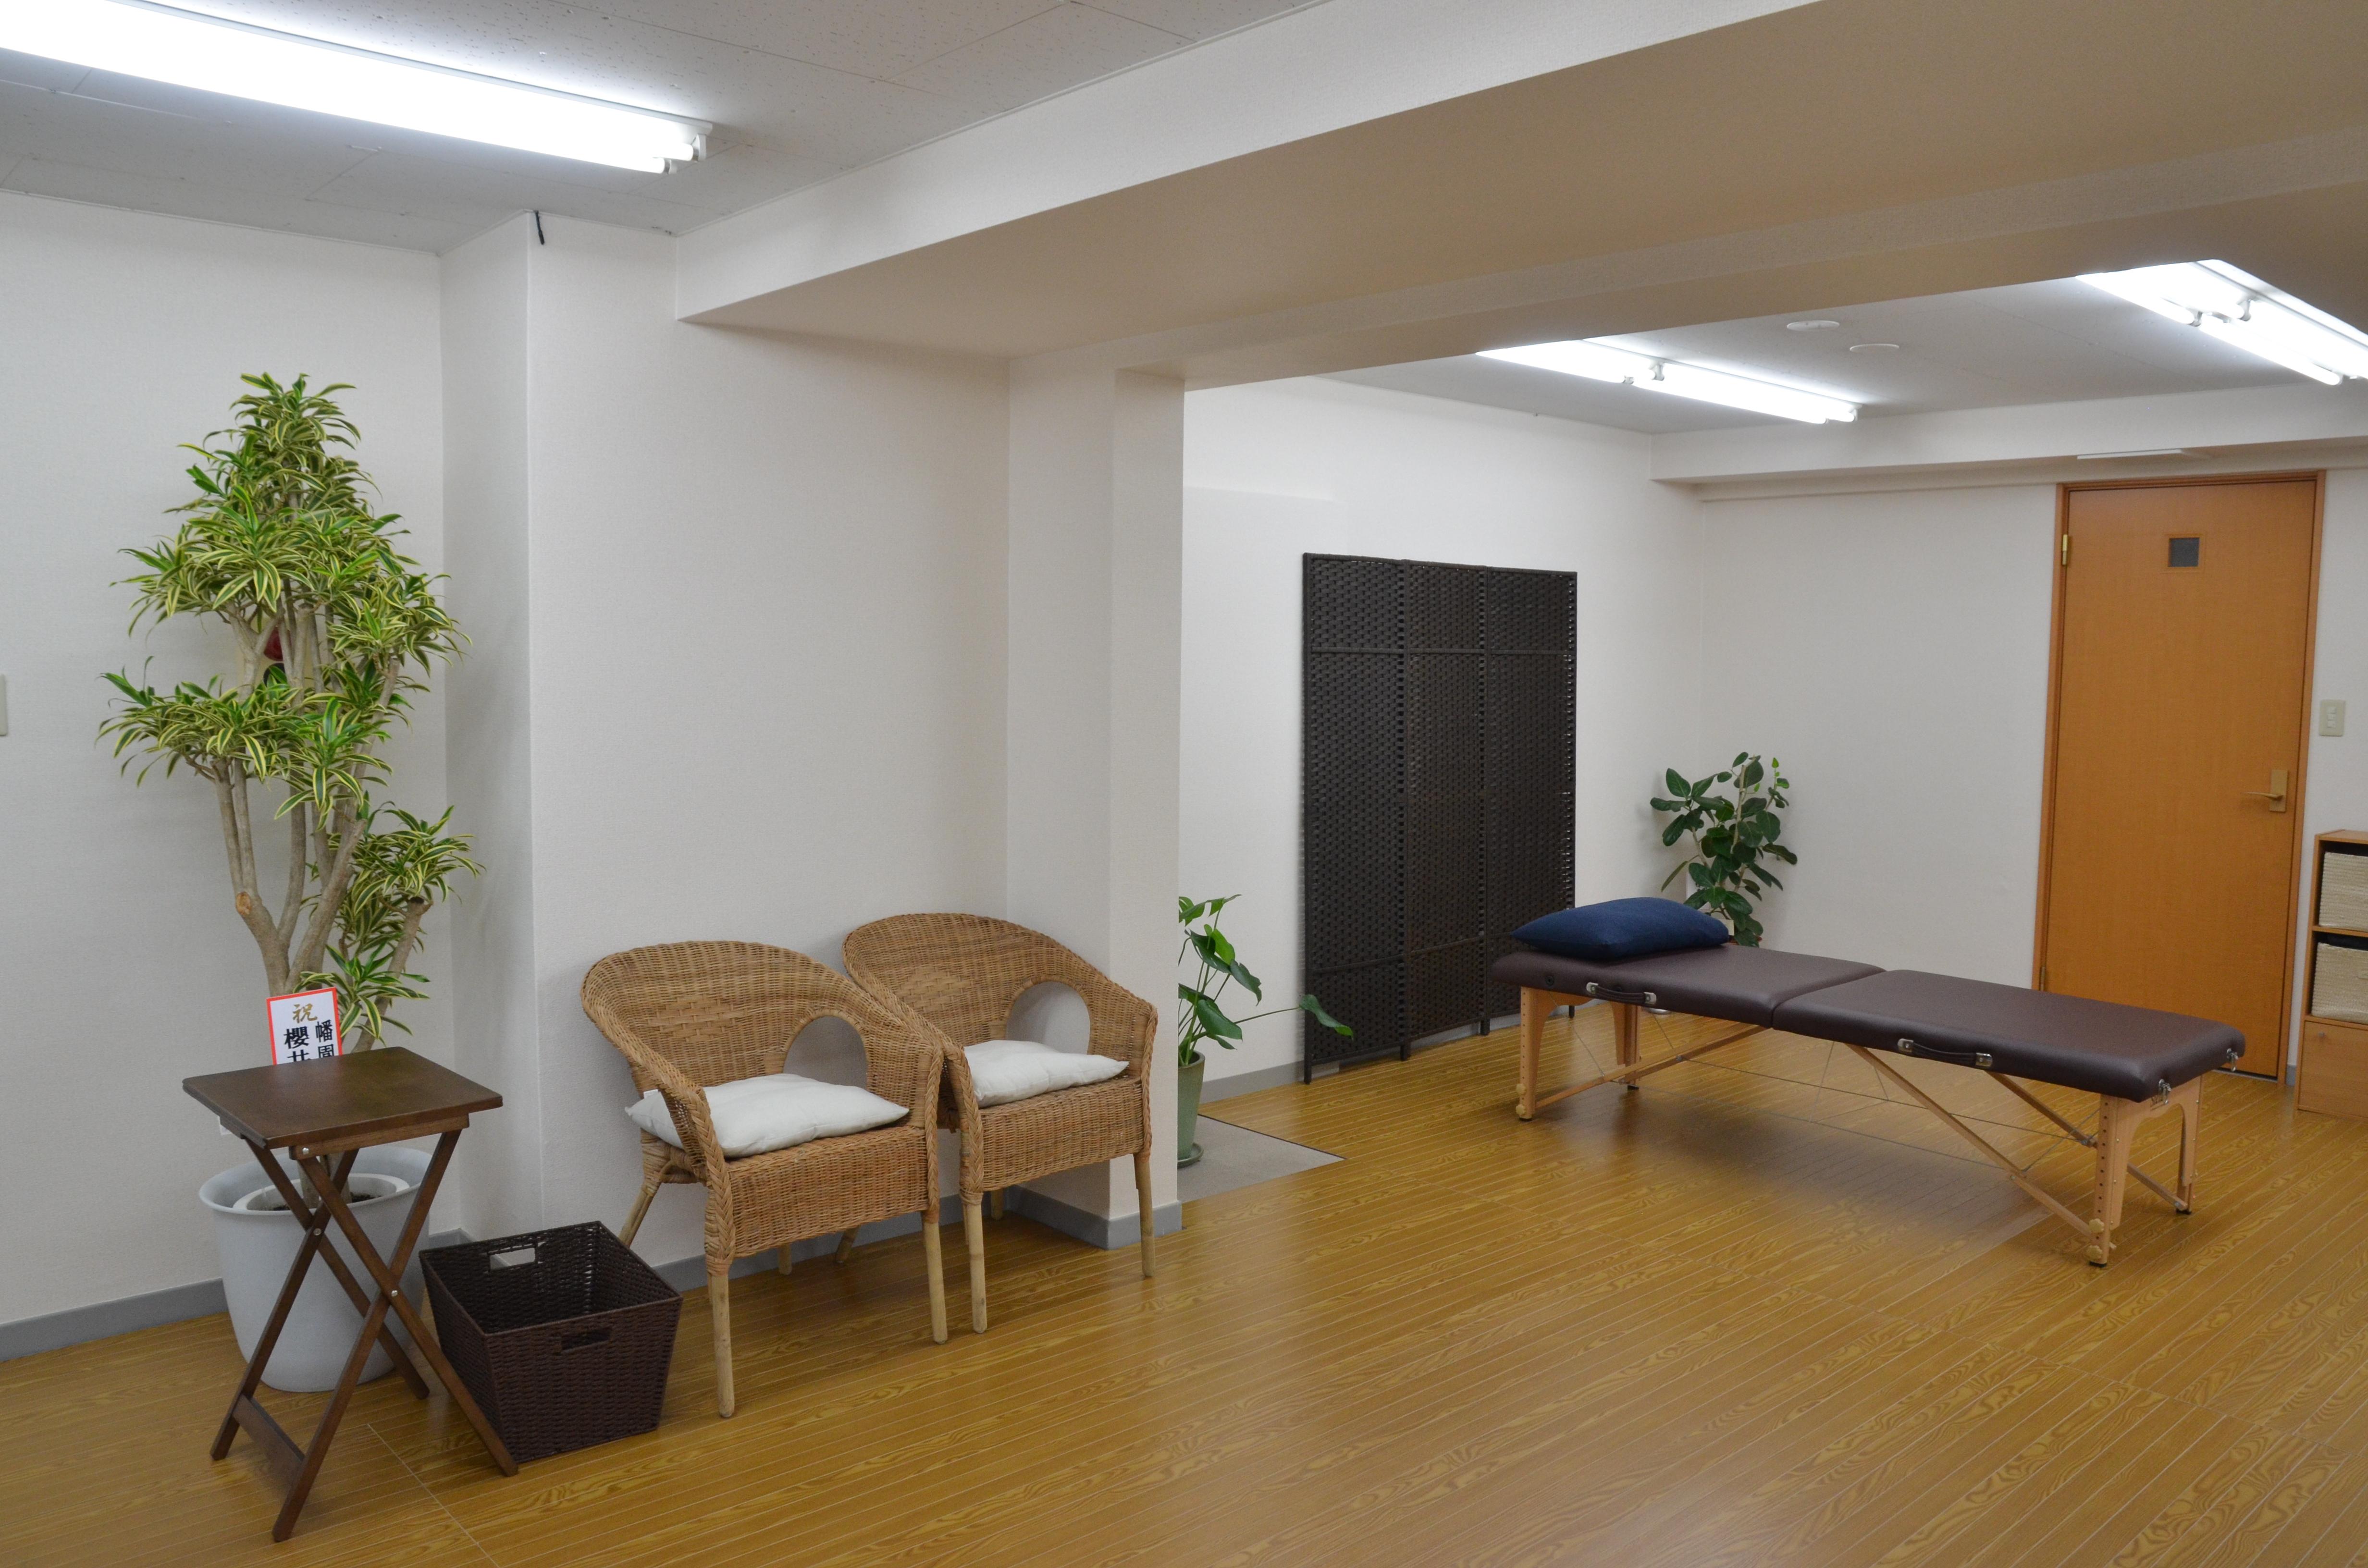 仙台の整体で筋膜を施術するルーツの店内2